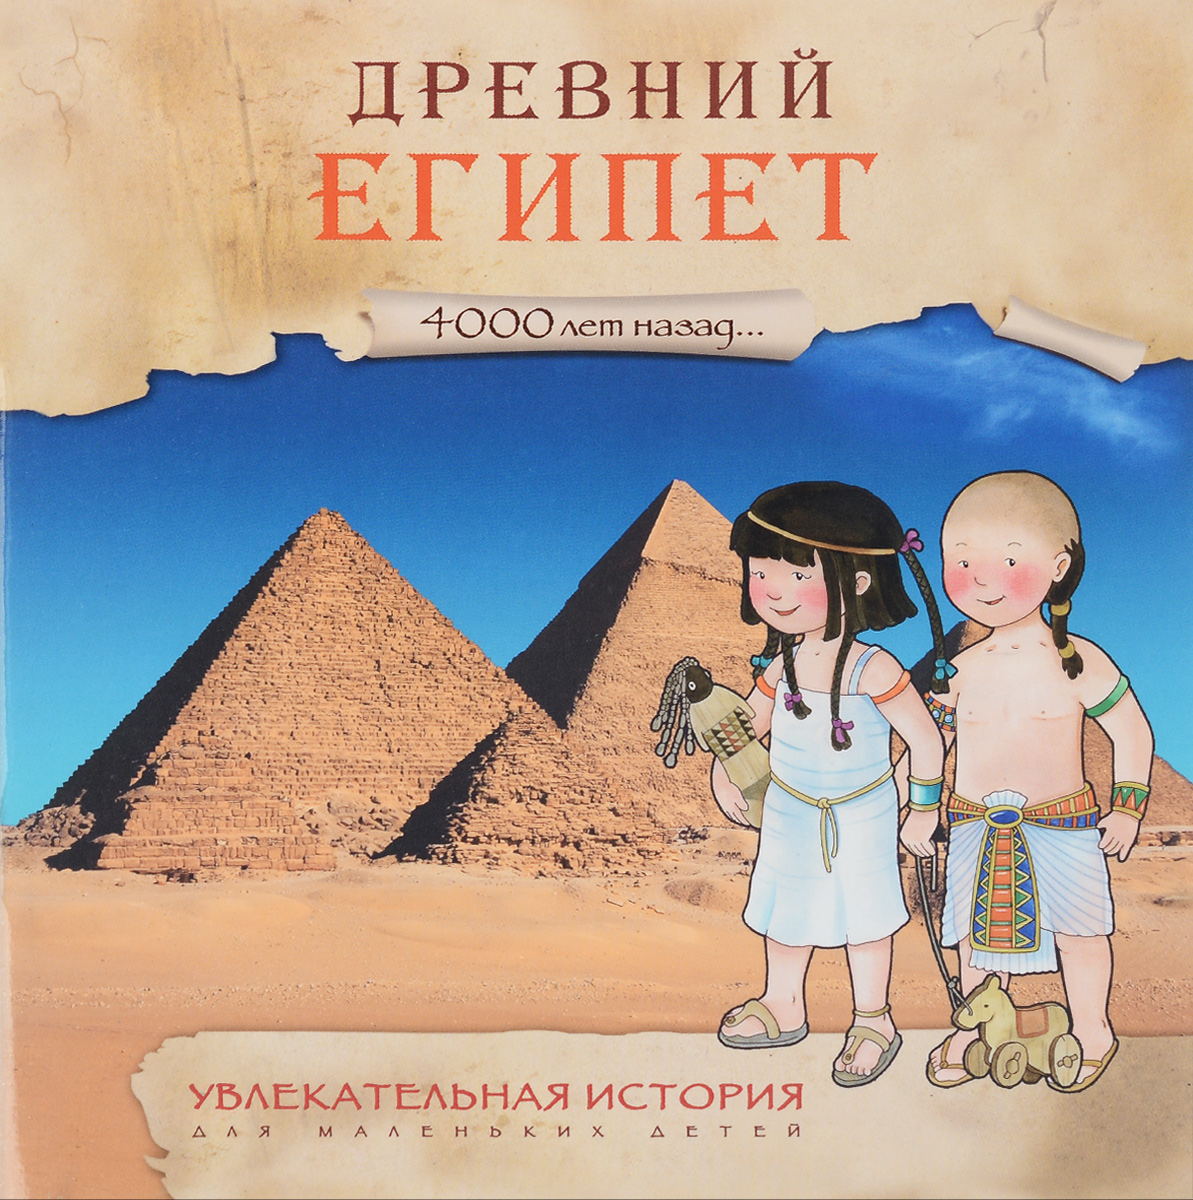 Элеонора Барсотти 4000 лет назад. Древний Египет. Увлекательная история для маленьких детей